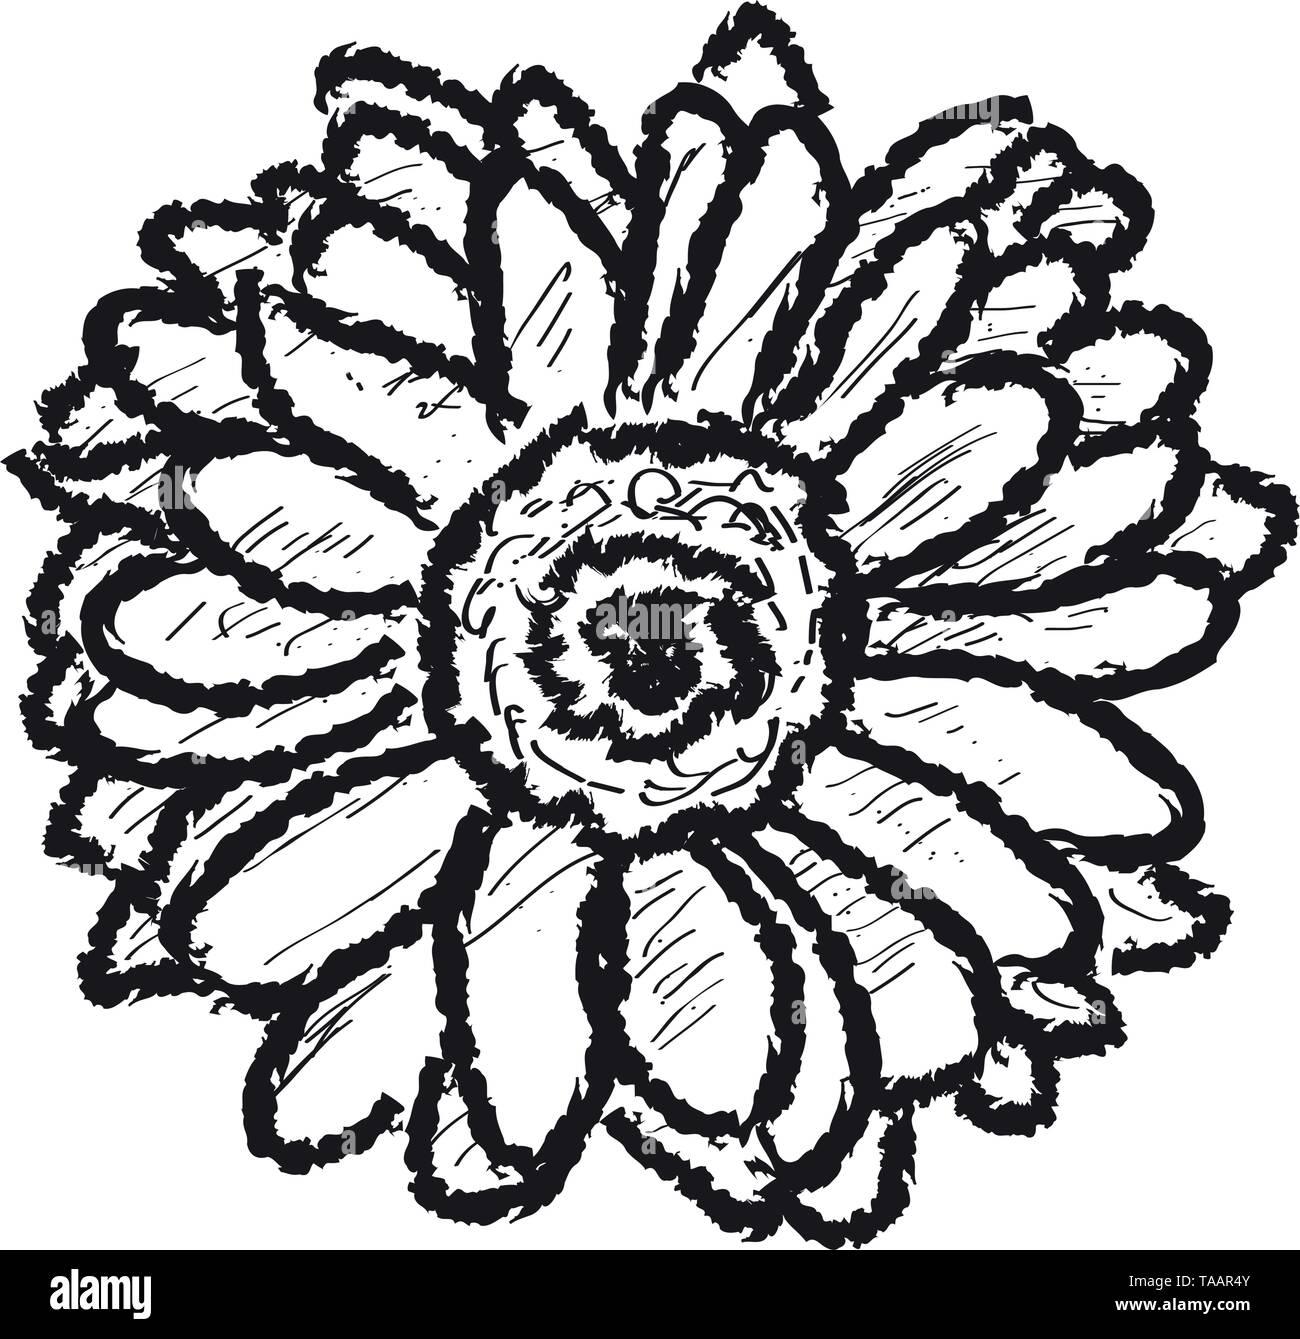 Skizze eines daisy flower auf einem weißen backgroound Stockbild